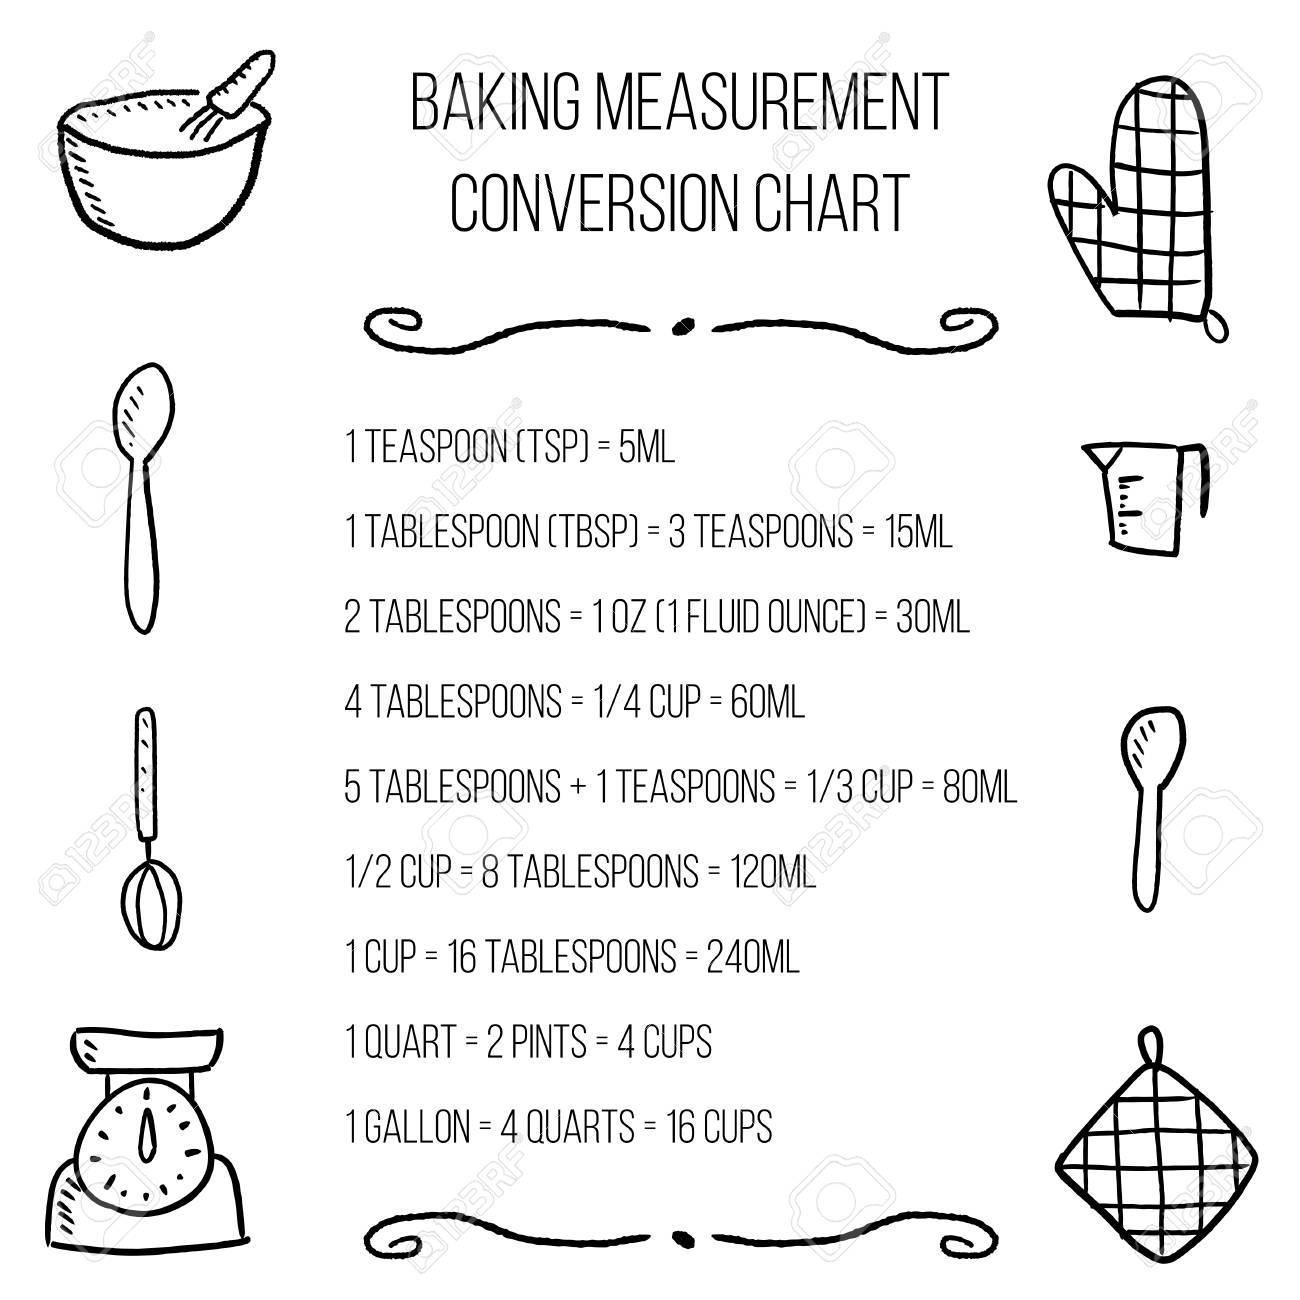 Tableau De Conversion Des Unites De Cuisson Unites De Mesure De Cuisine Conception De Cuisine Clip Art Libres De Droits Vecteurs Et Illustration Image 85116730